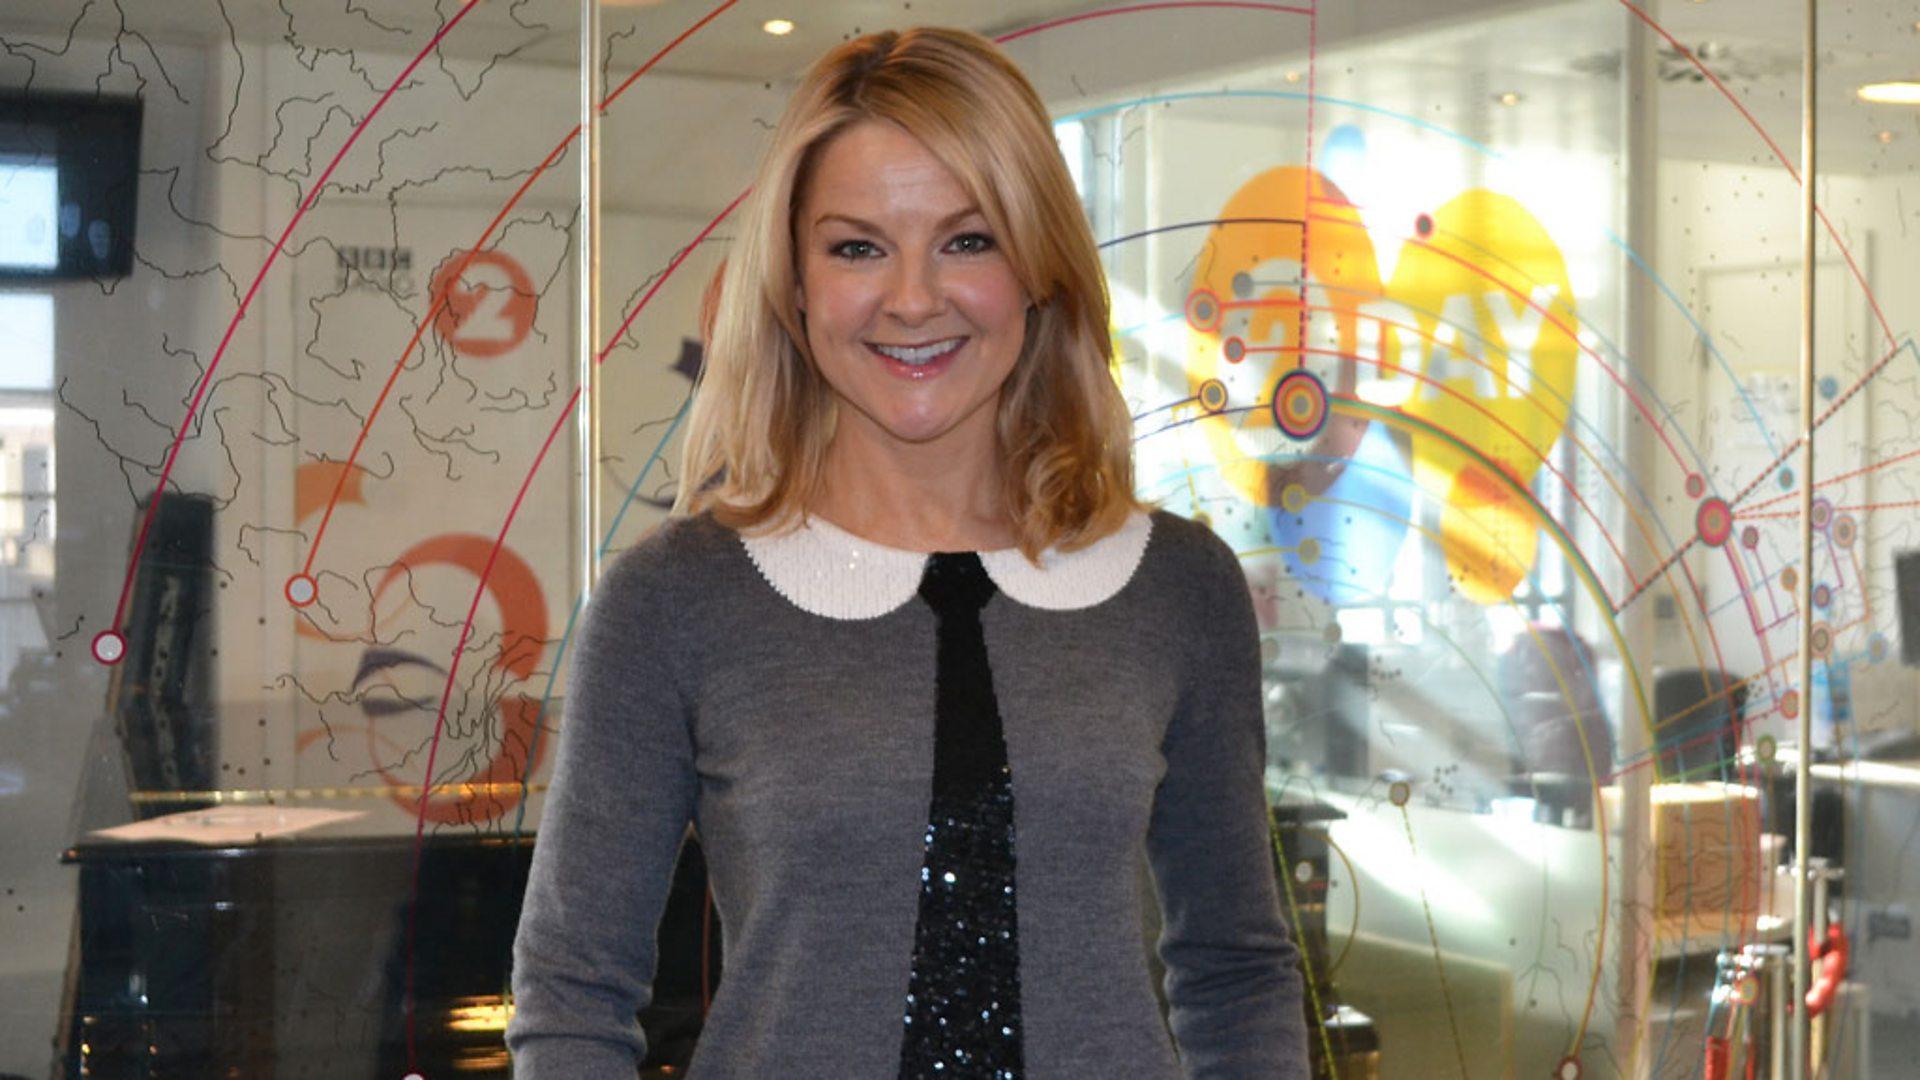 Laura Evans